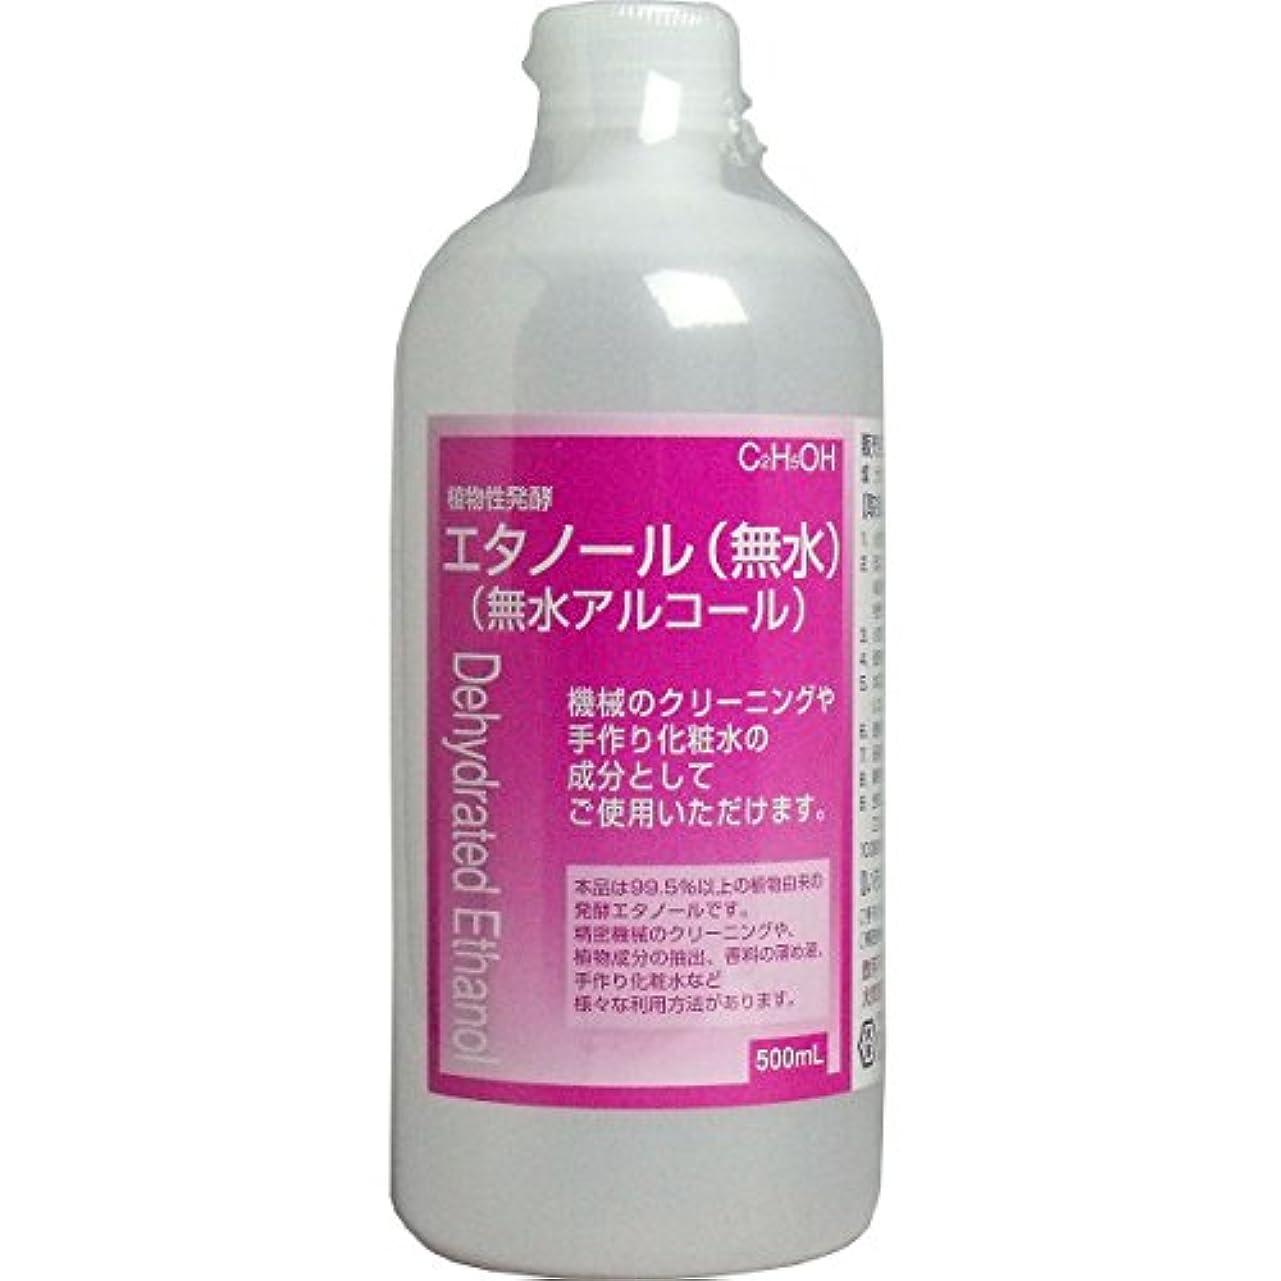 準備ベアリングサークル差別手作り化粧水に 植物性発酵エタノール(無水エタノール) 500mL